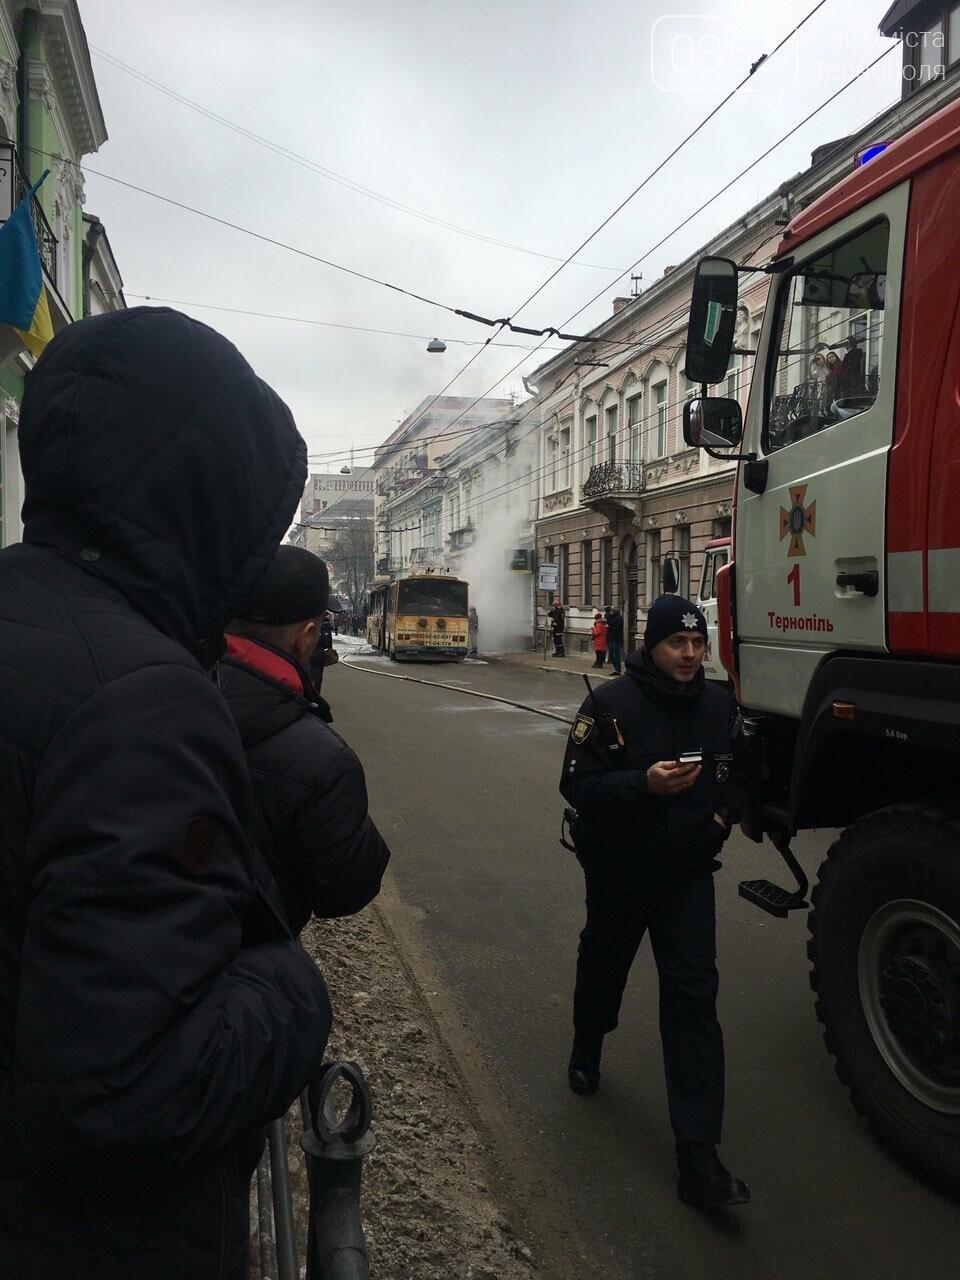 В центрі Тернополя загорівся тролейбус, прилеглі будинки вкрило густим димом (Фото, відео), фото-2